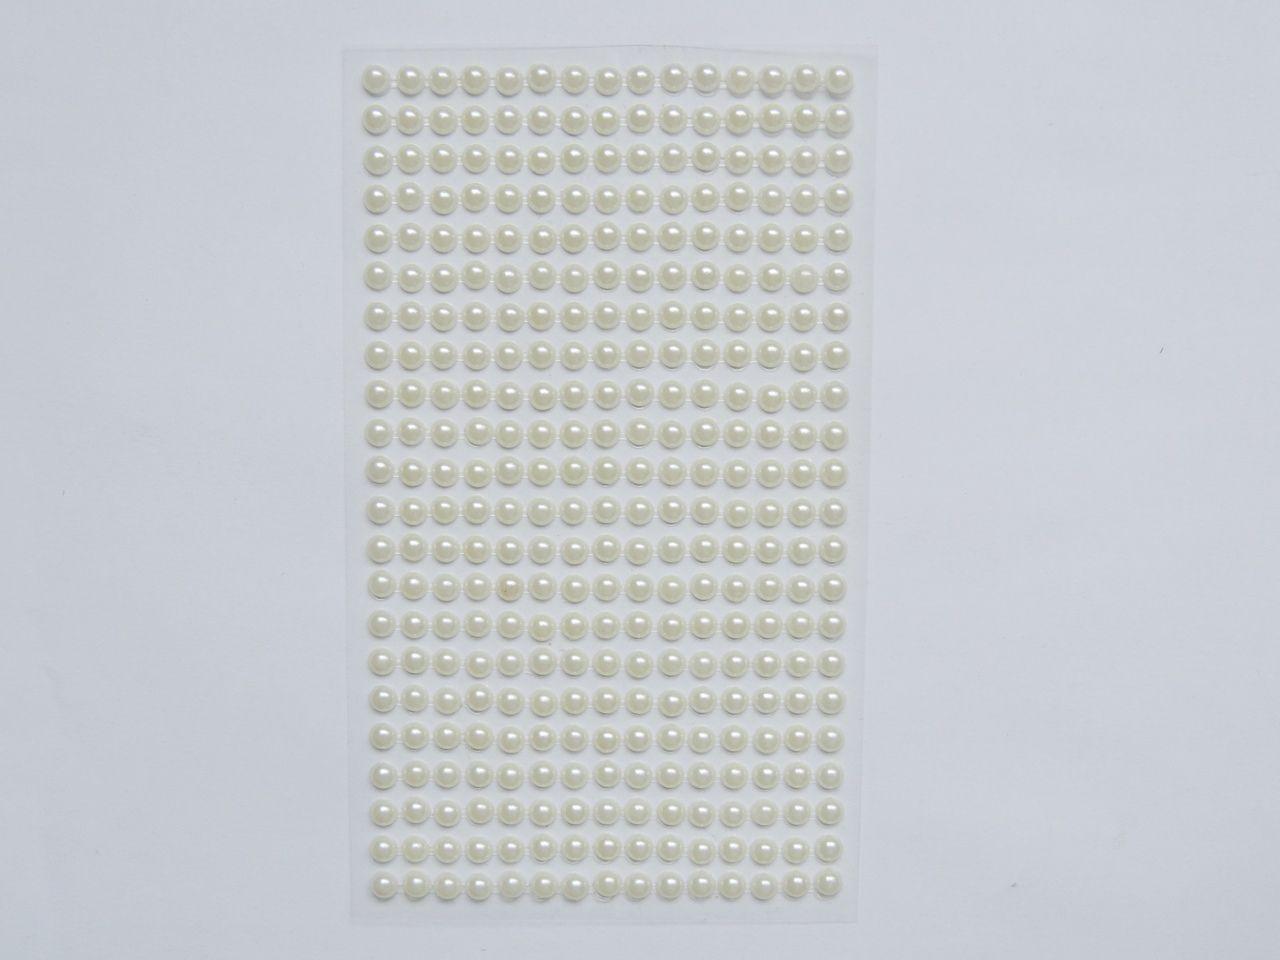 cartela de adesivo meia pérola 5mm 330 unidades